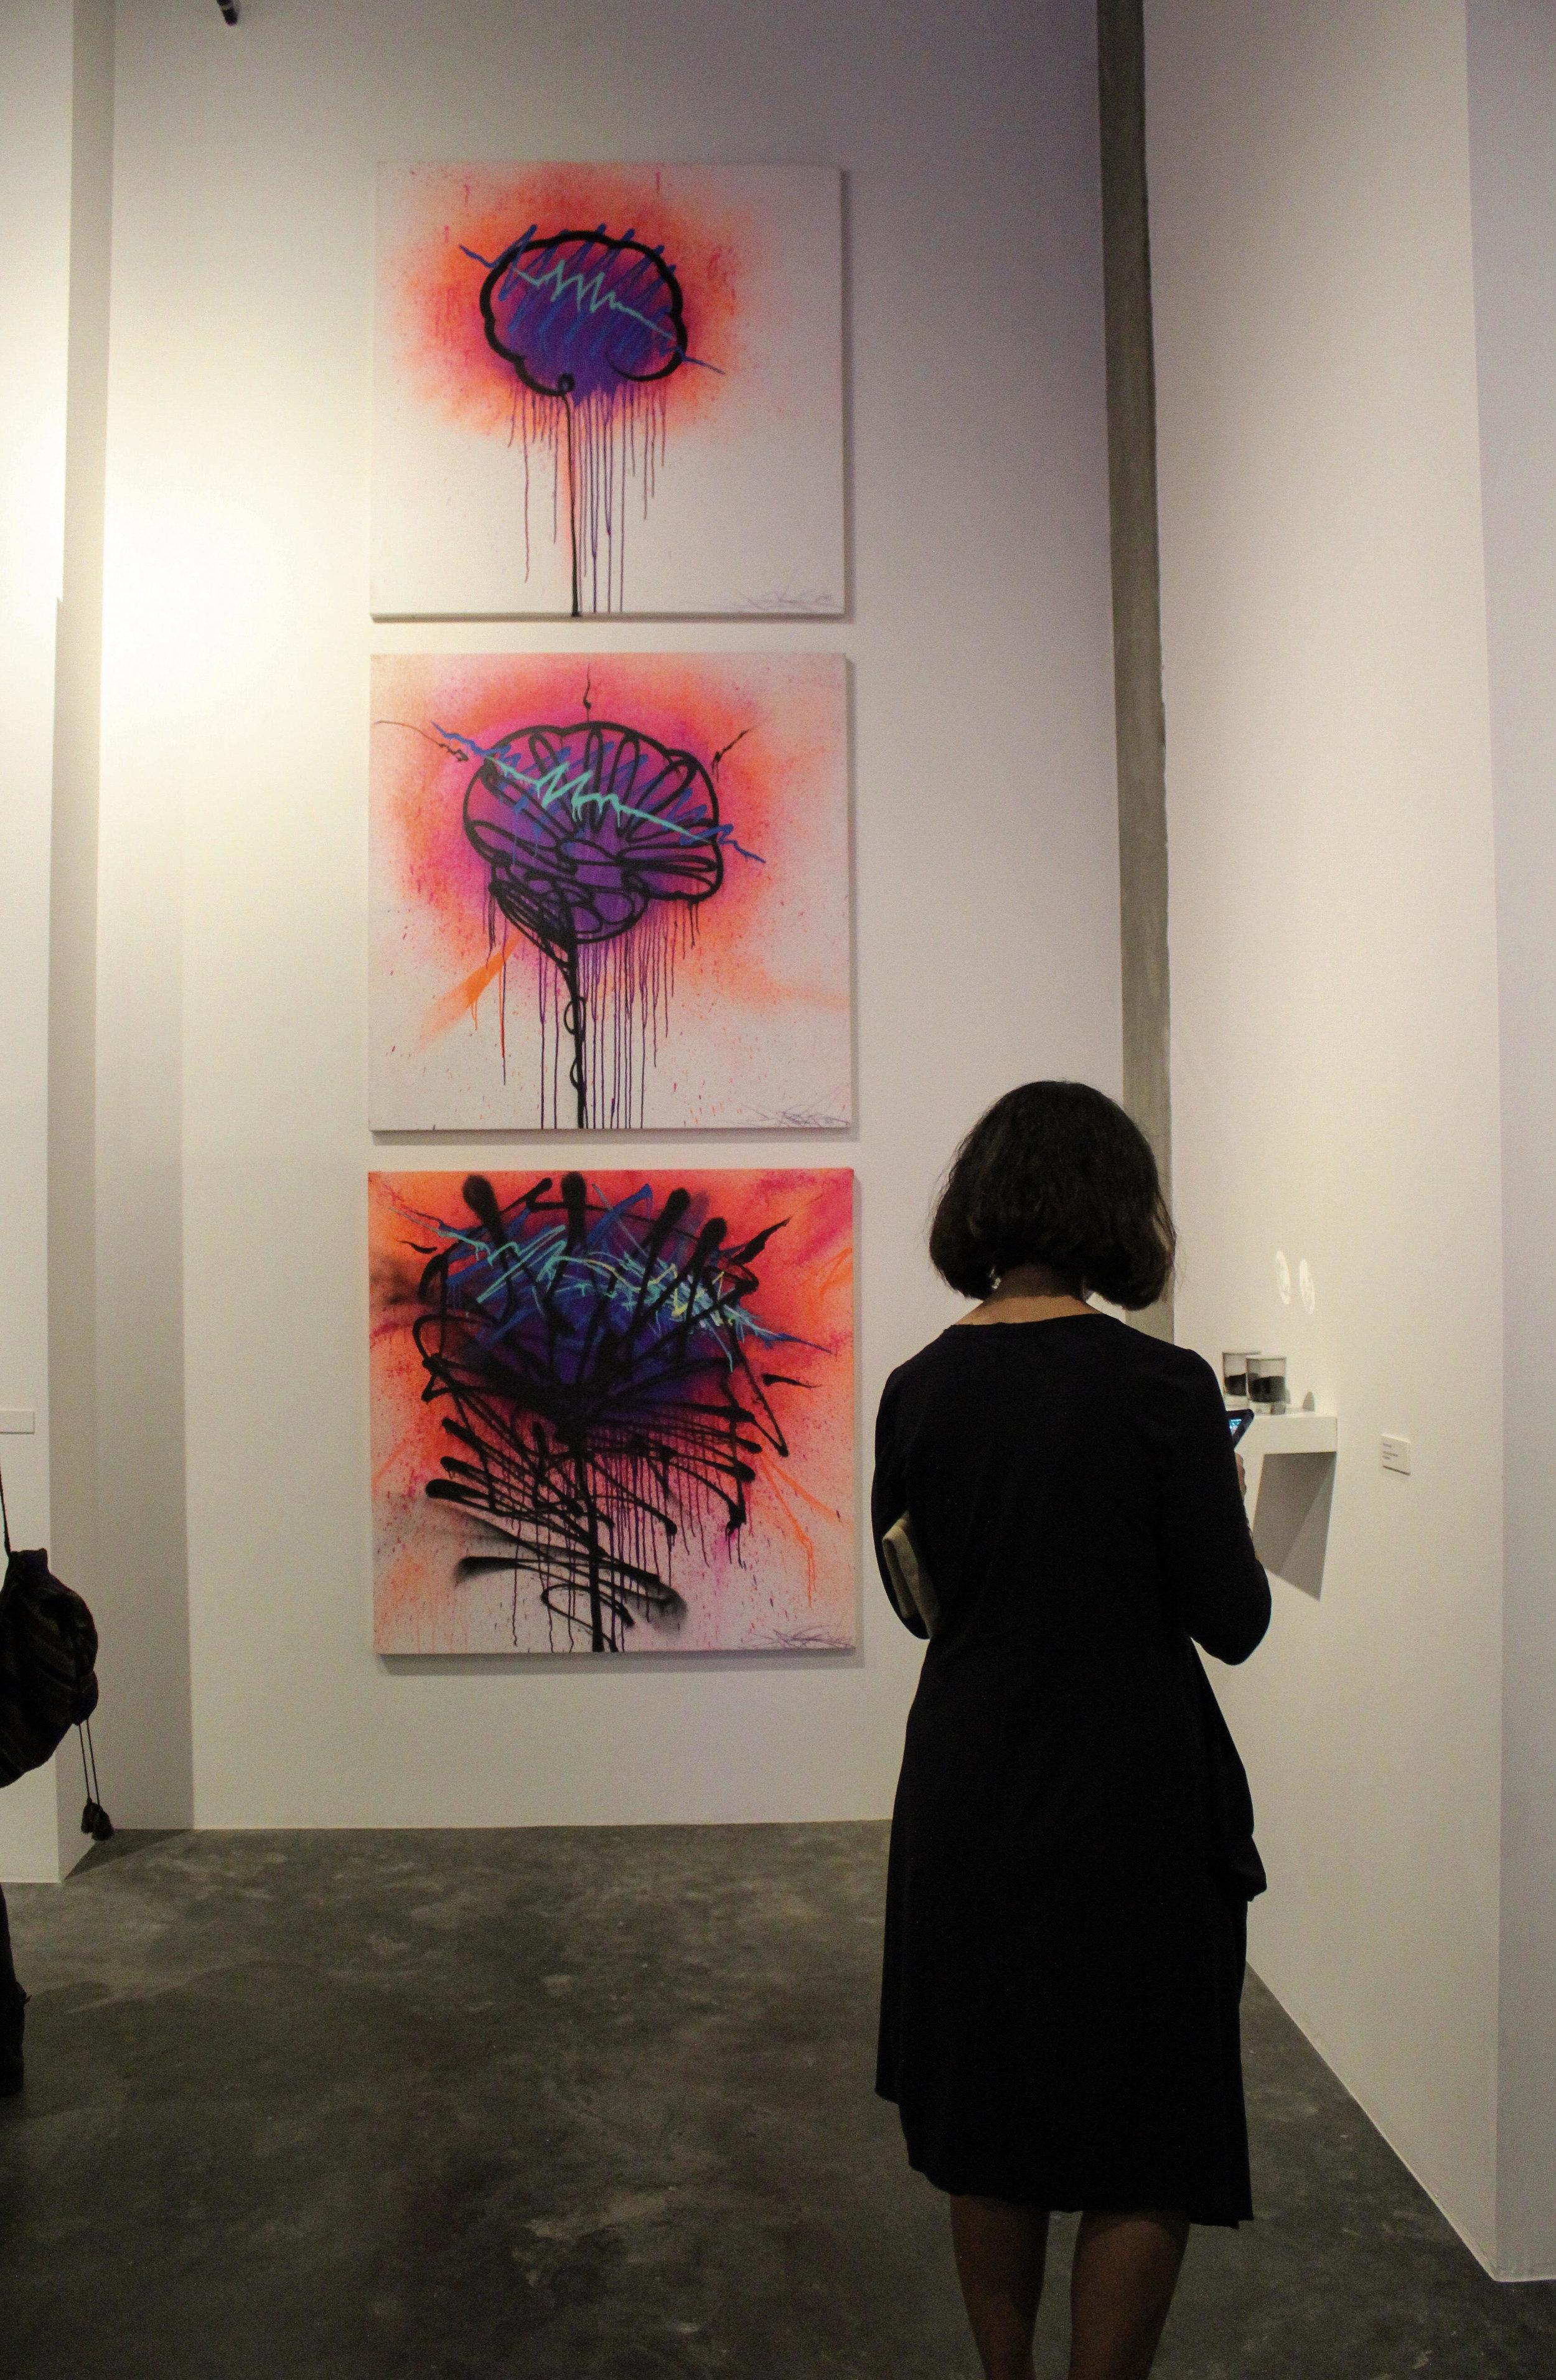 Saber's three piece art set by Roger Martinez